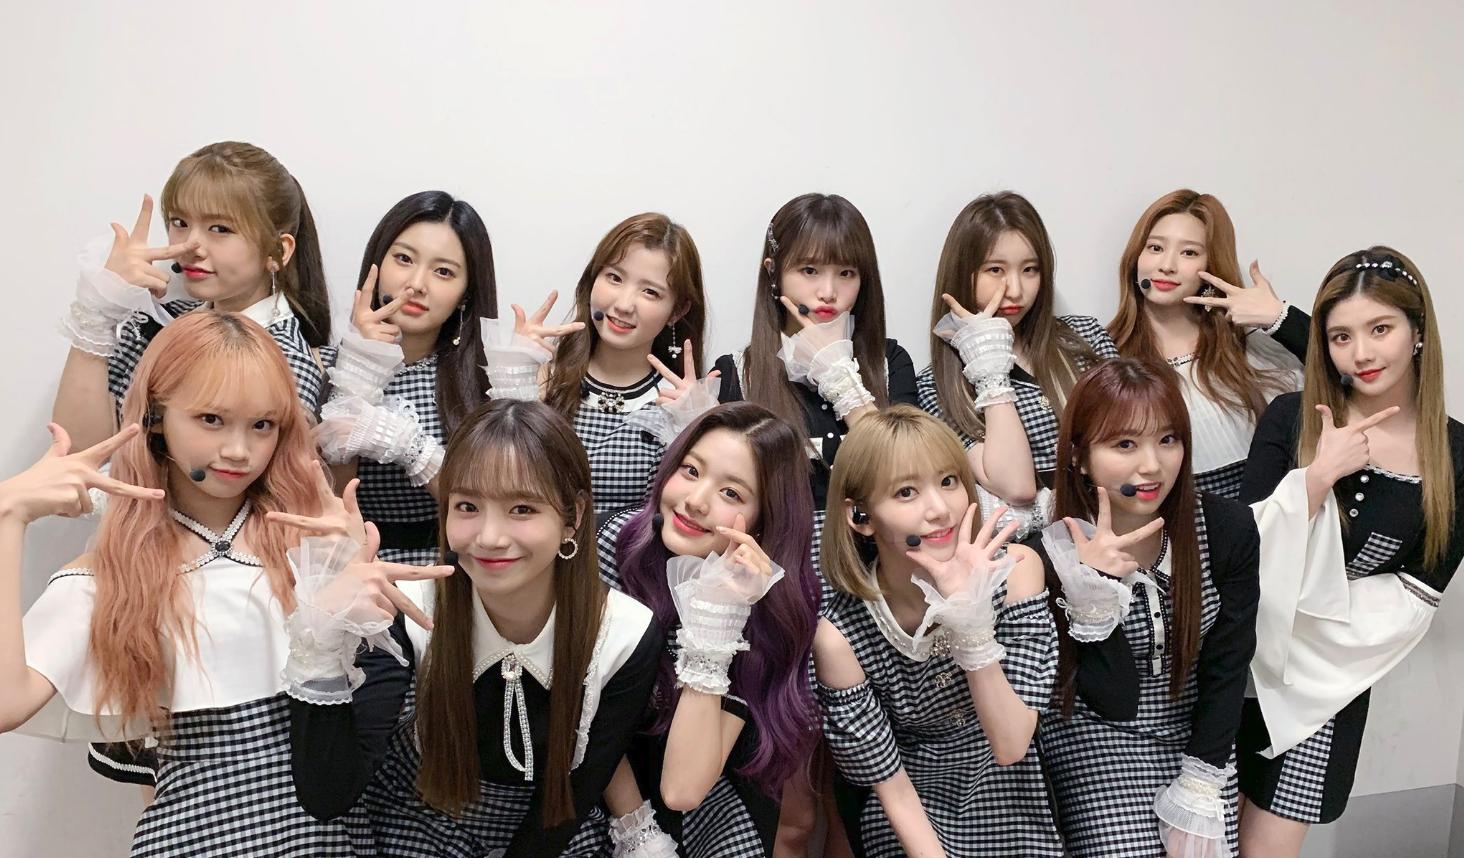 Không như TWICE, thành tích của IZ*ONE ở Nhật giảm nhưng hơn Red Velvet vì fan đọ album không đọ view - Ảnh 2.